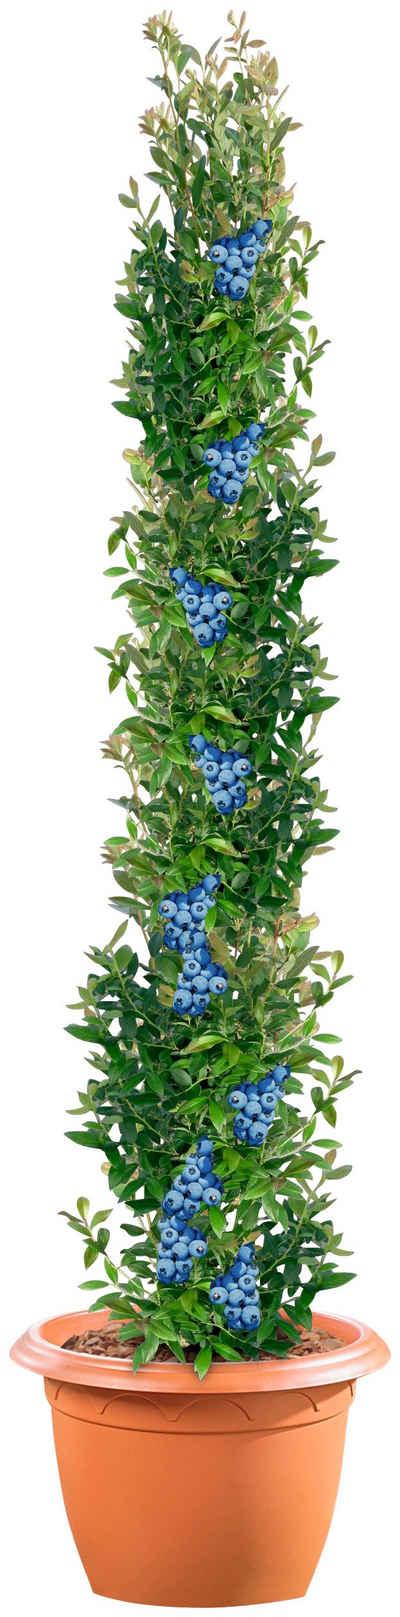 BCM Obstpflanze »Säulenobst Heidelbeere«, 50 cm Lieferhöhe